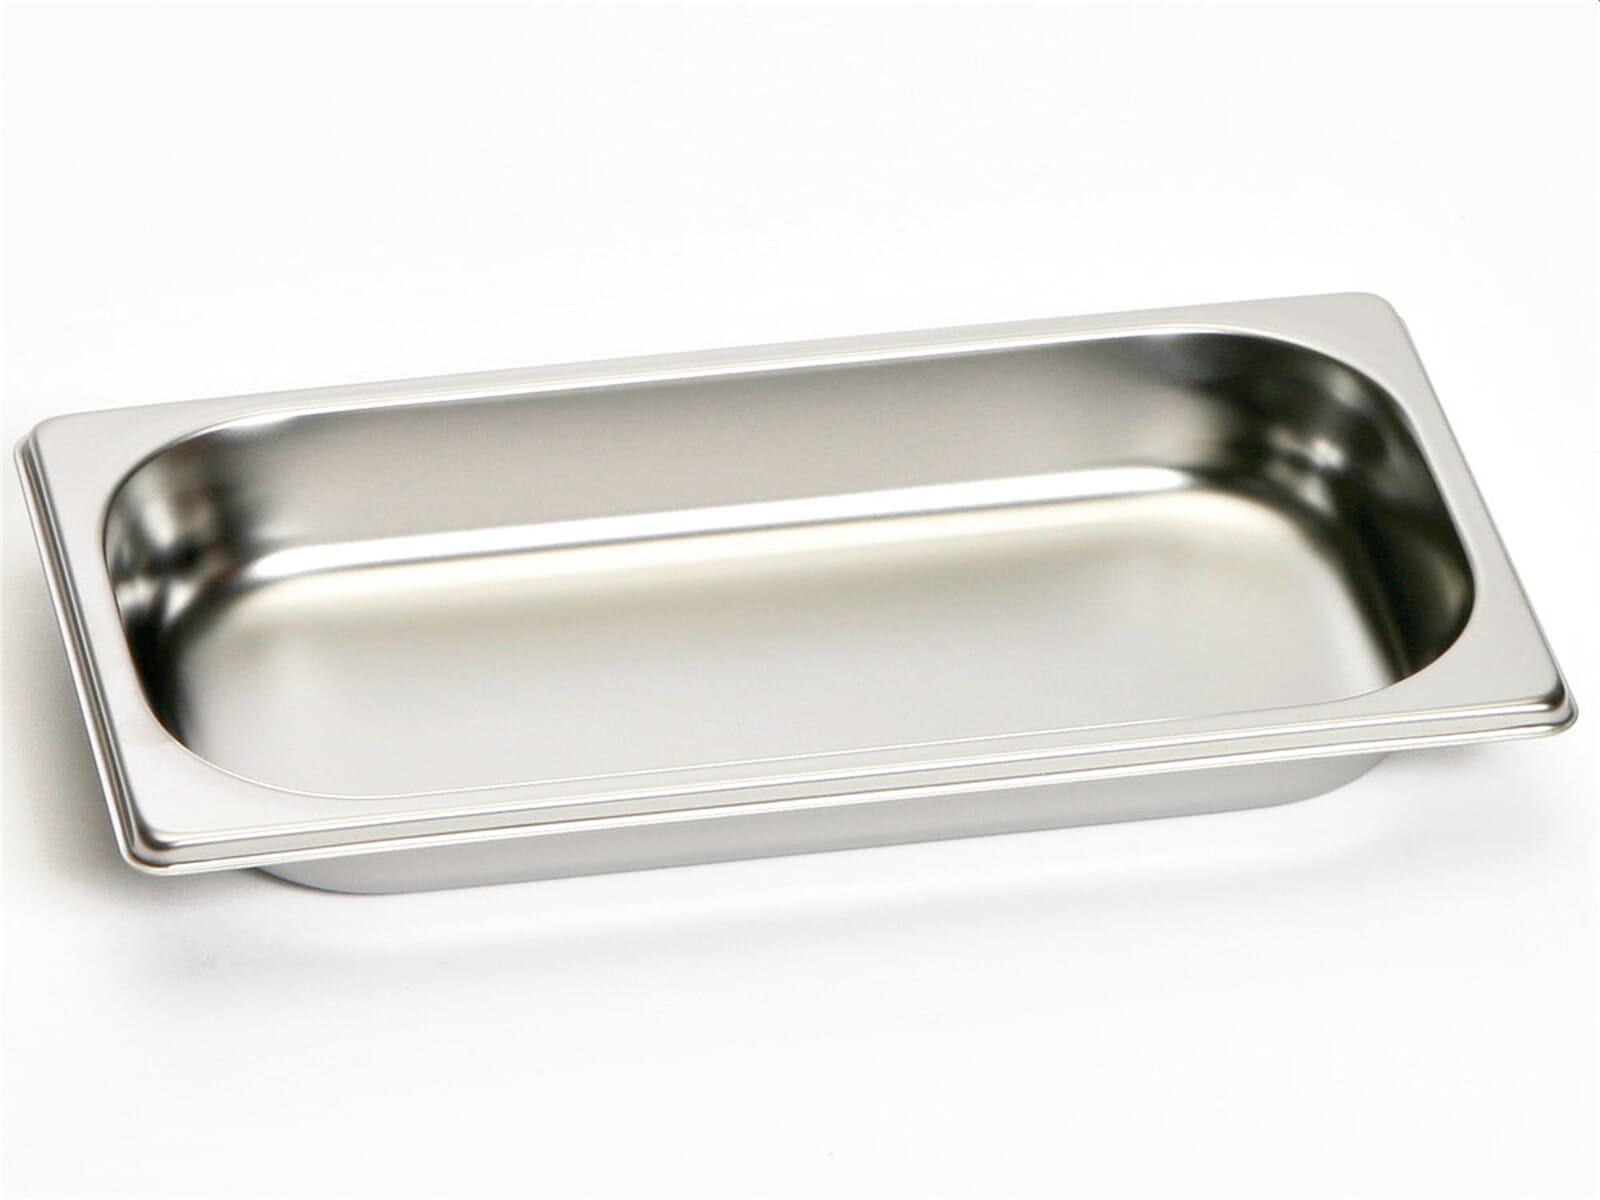 Gaggenau GN 114 130 Gastronorm-Behälter GN 1/3 ungelocht Edelstahl